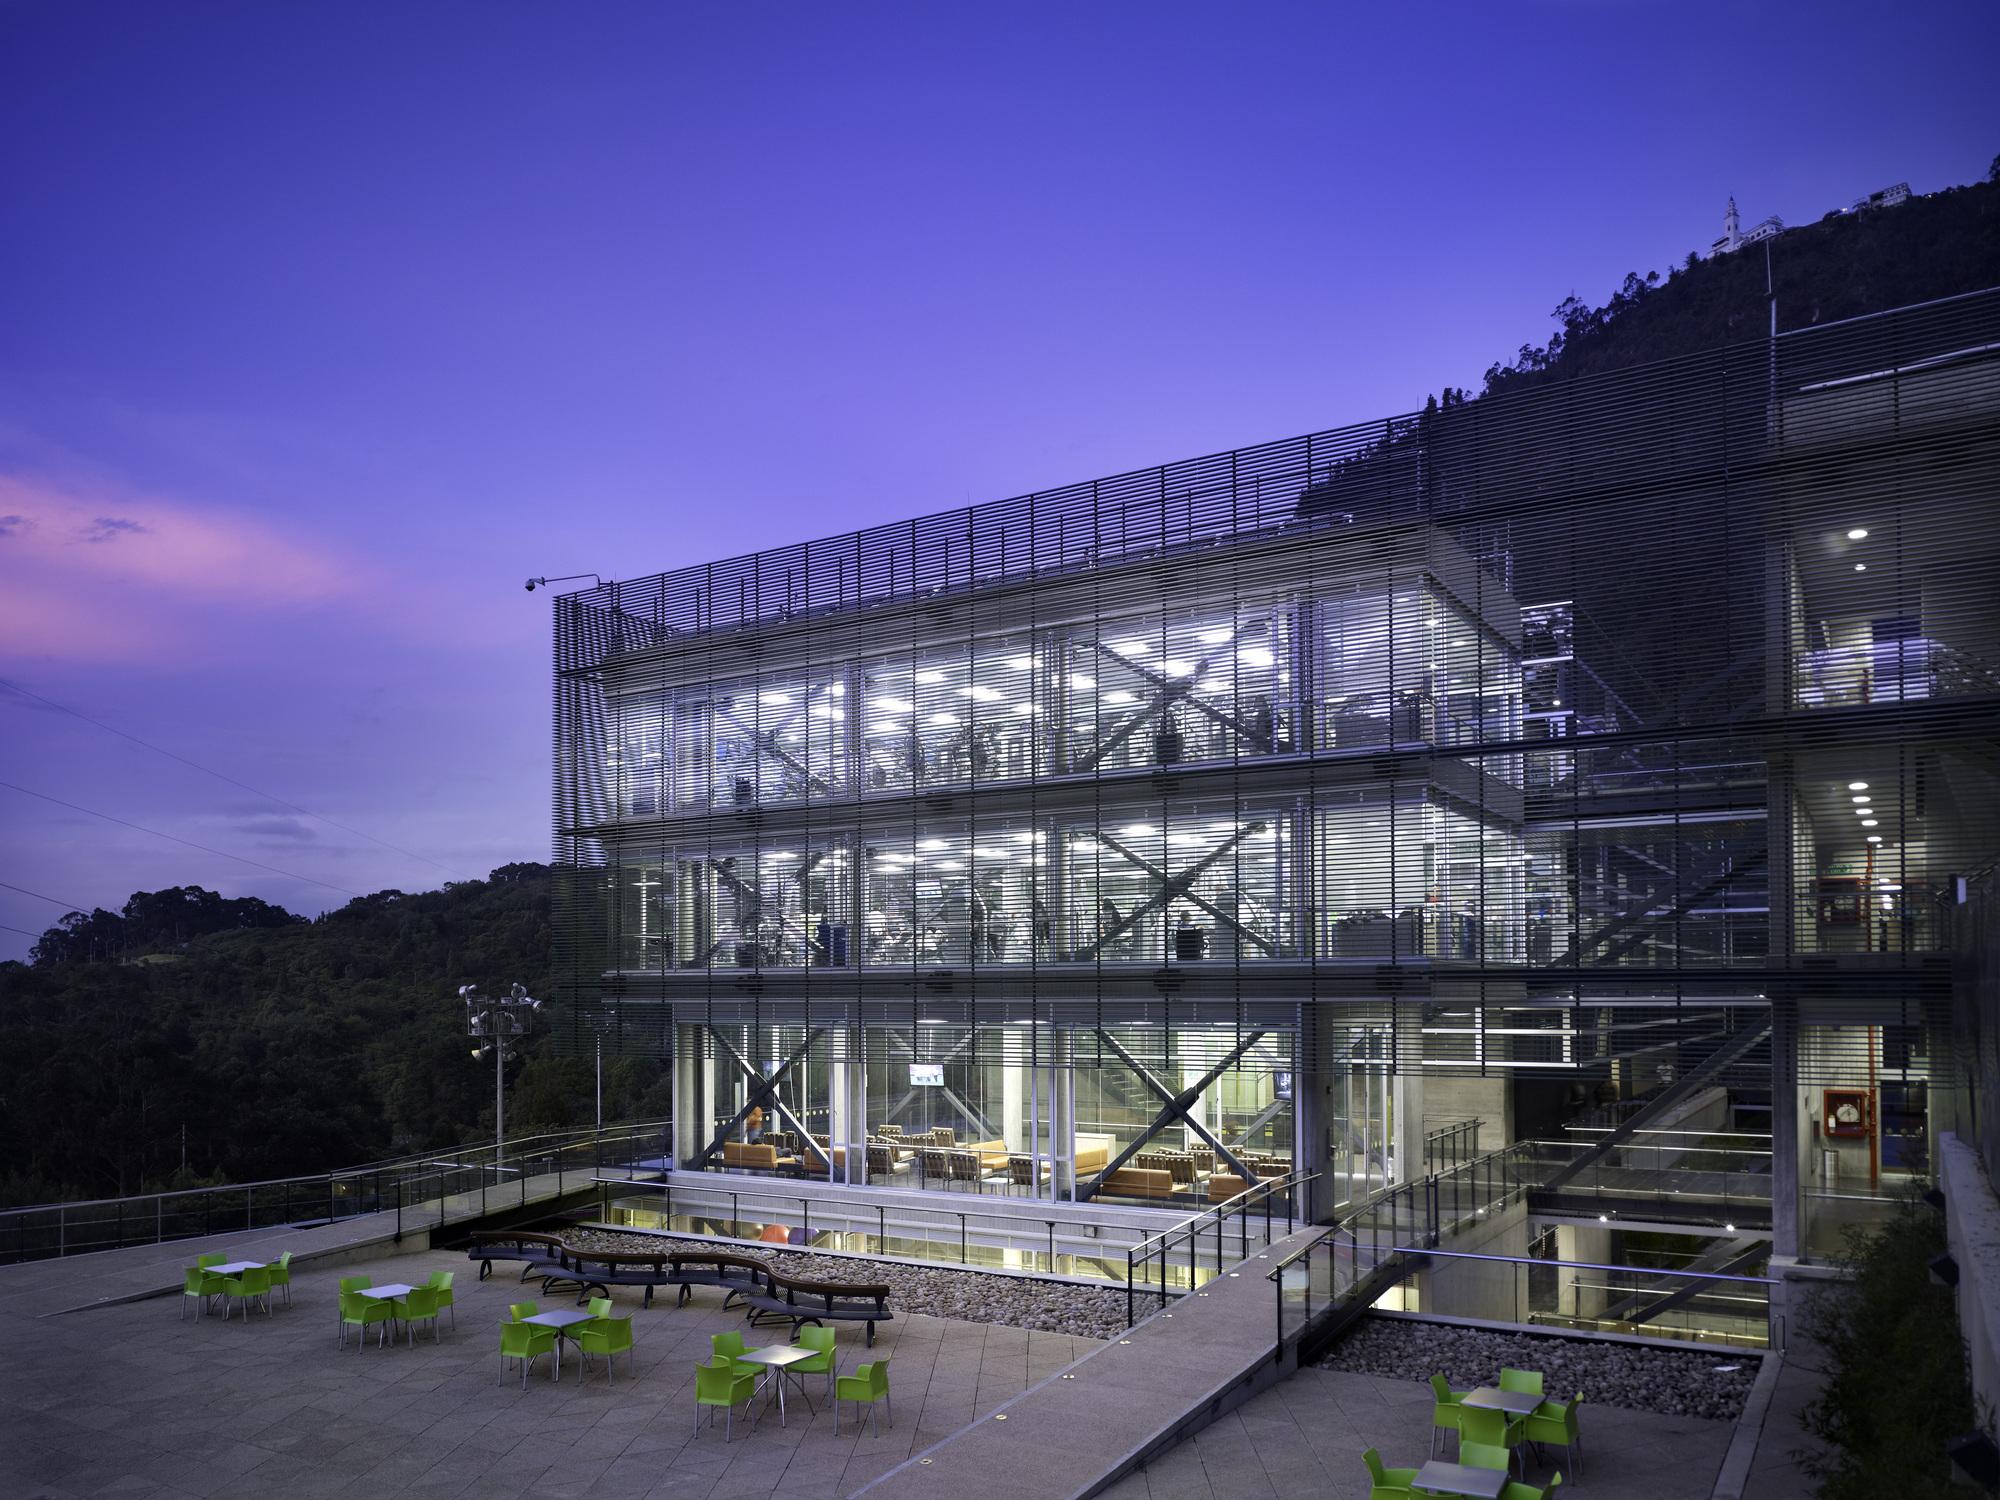 centro deportivo universidad de los andes mgp